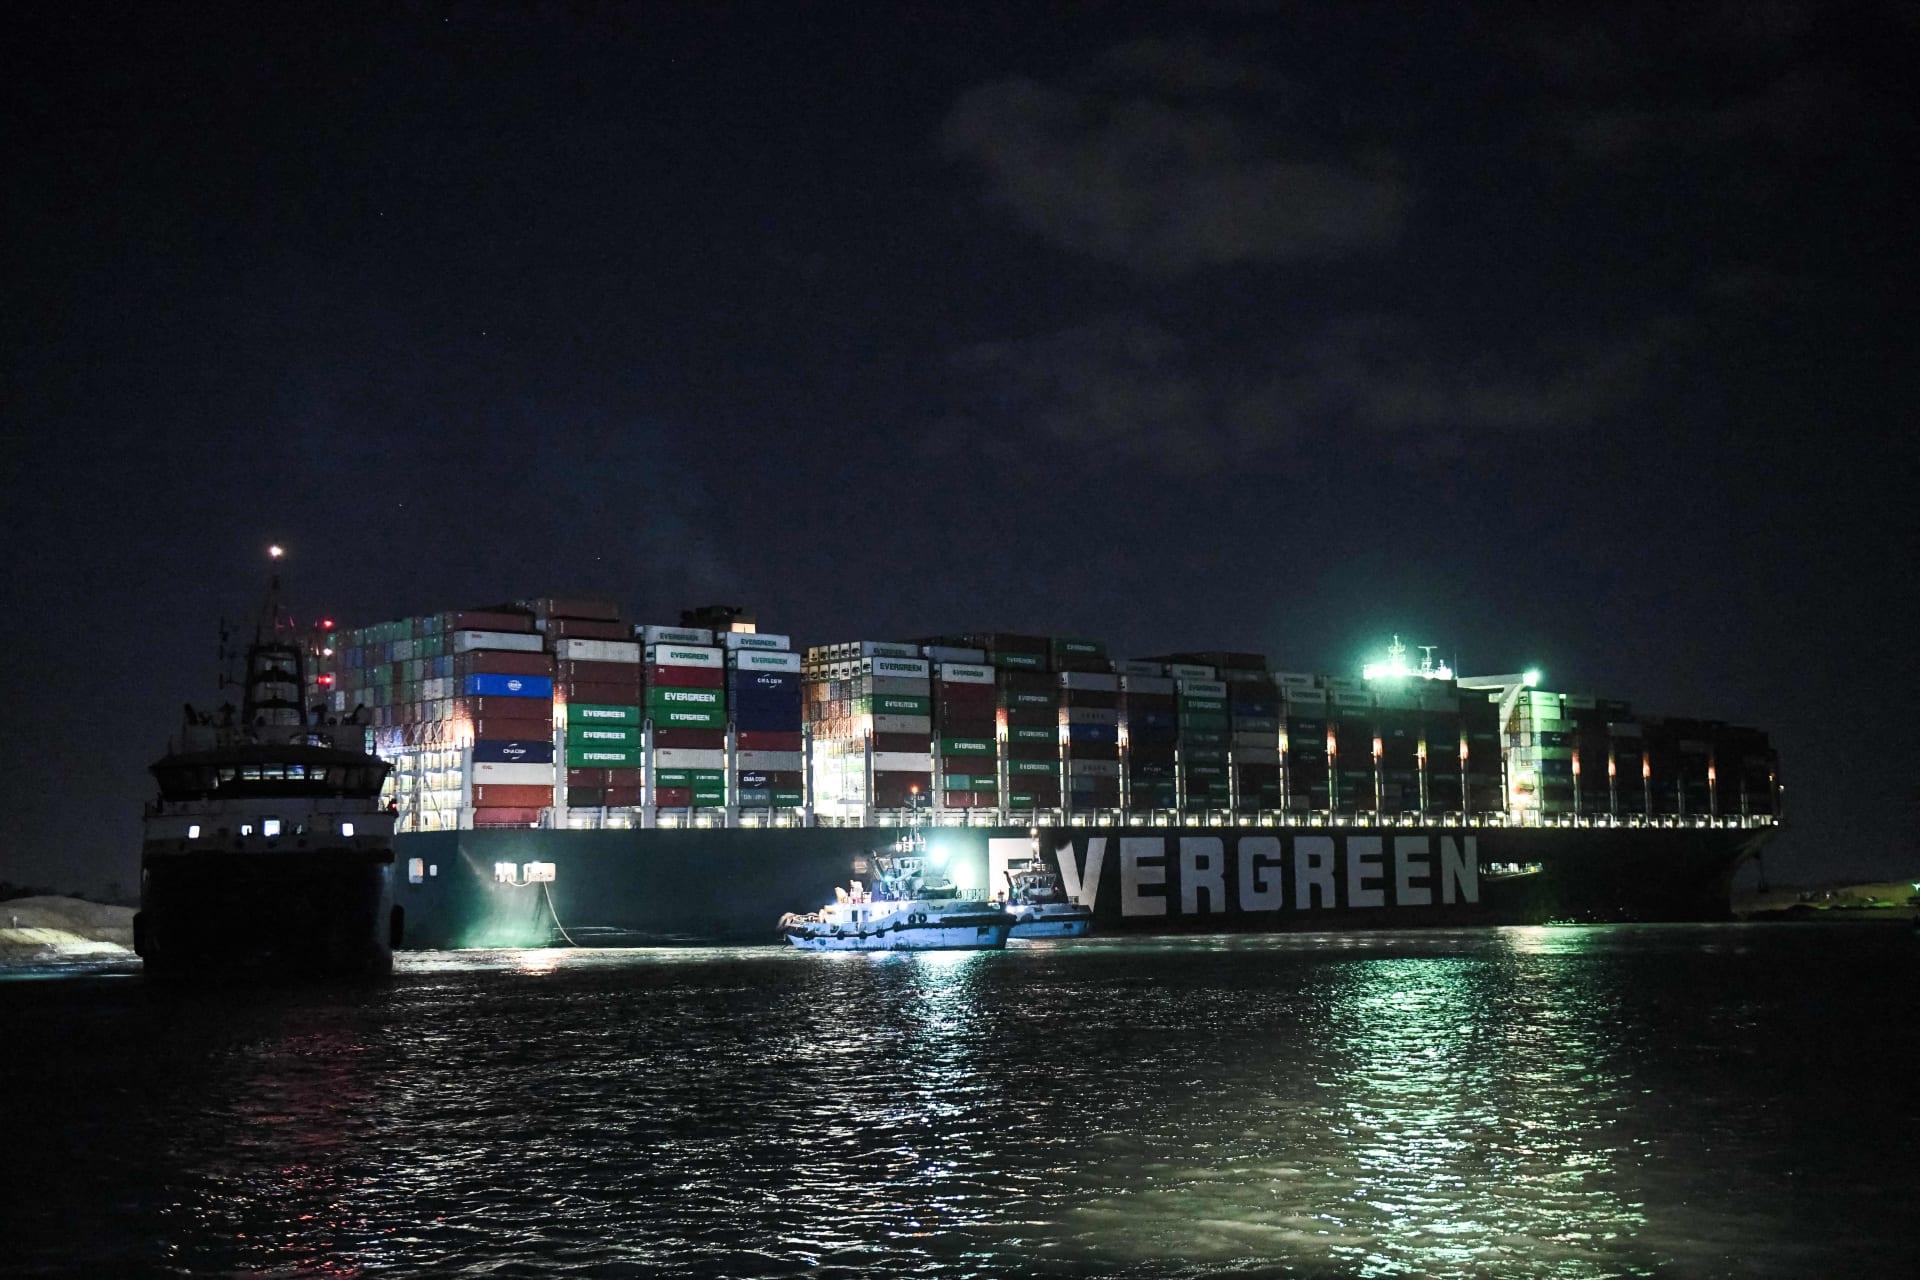 سفير إيران في روسيا يدعو إلى ممر بديل لقناة السويس بعد أزمة السفينة الجانحة